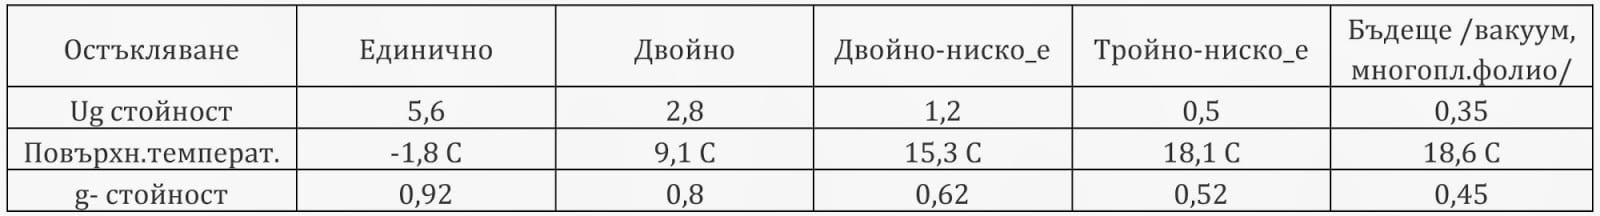 таблица-различни-варианти-за-остъкляване